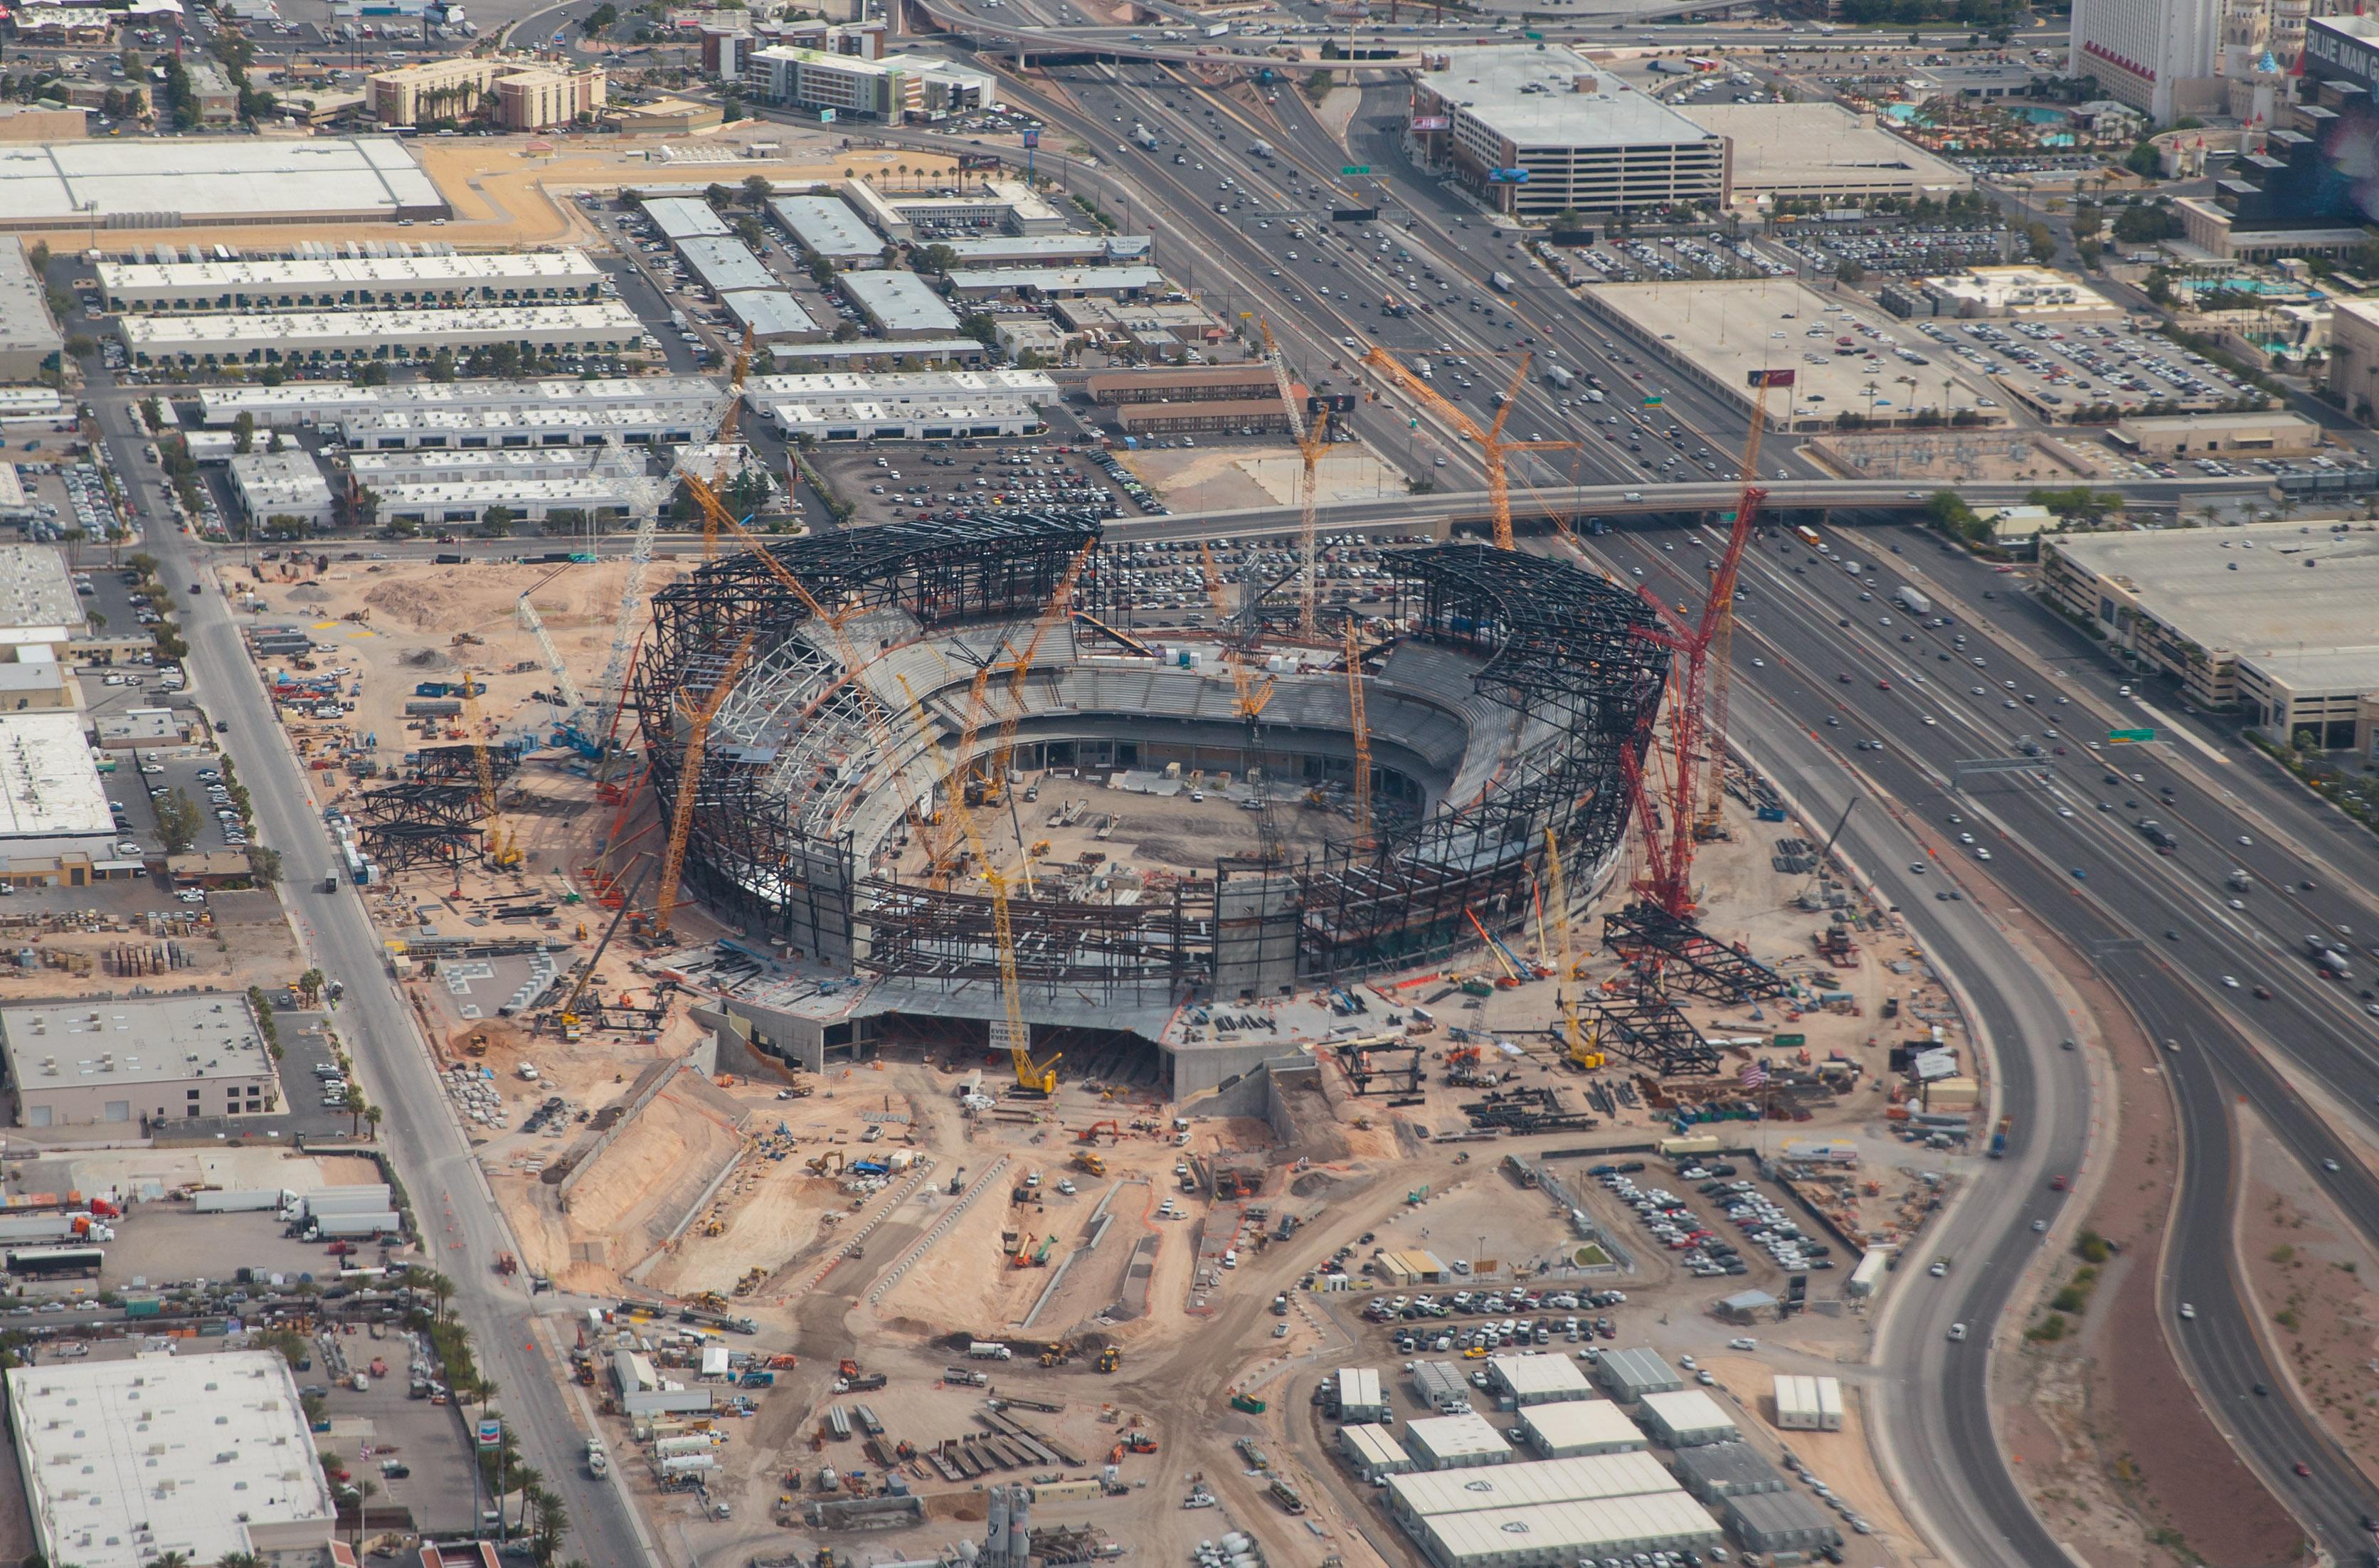 NFL: Las Vegas Stadium Construction Aerials